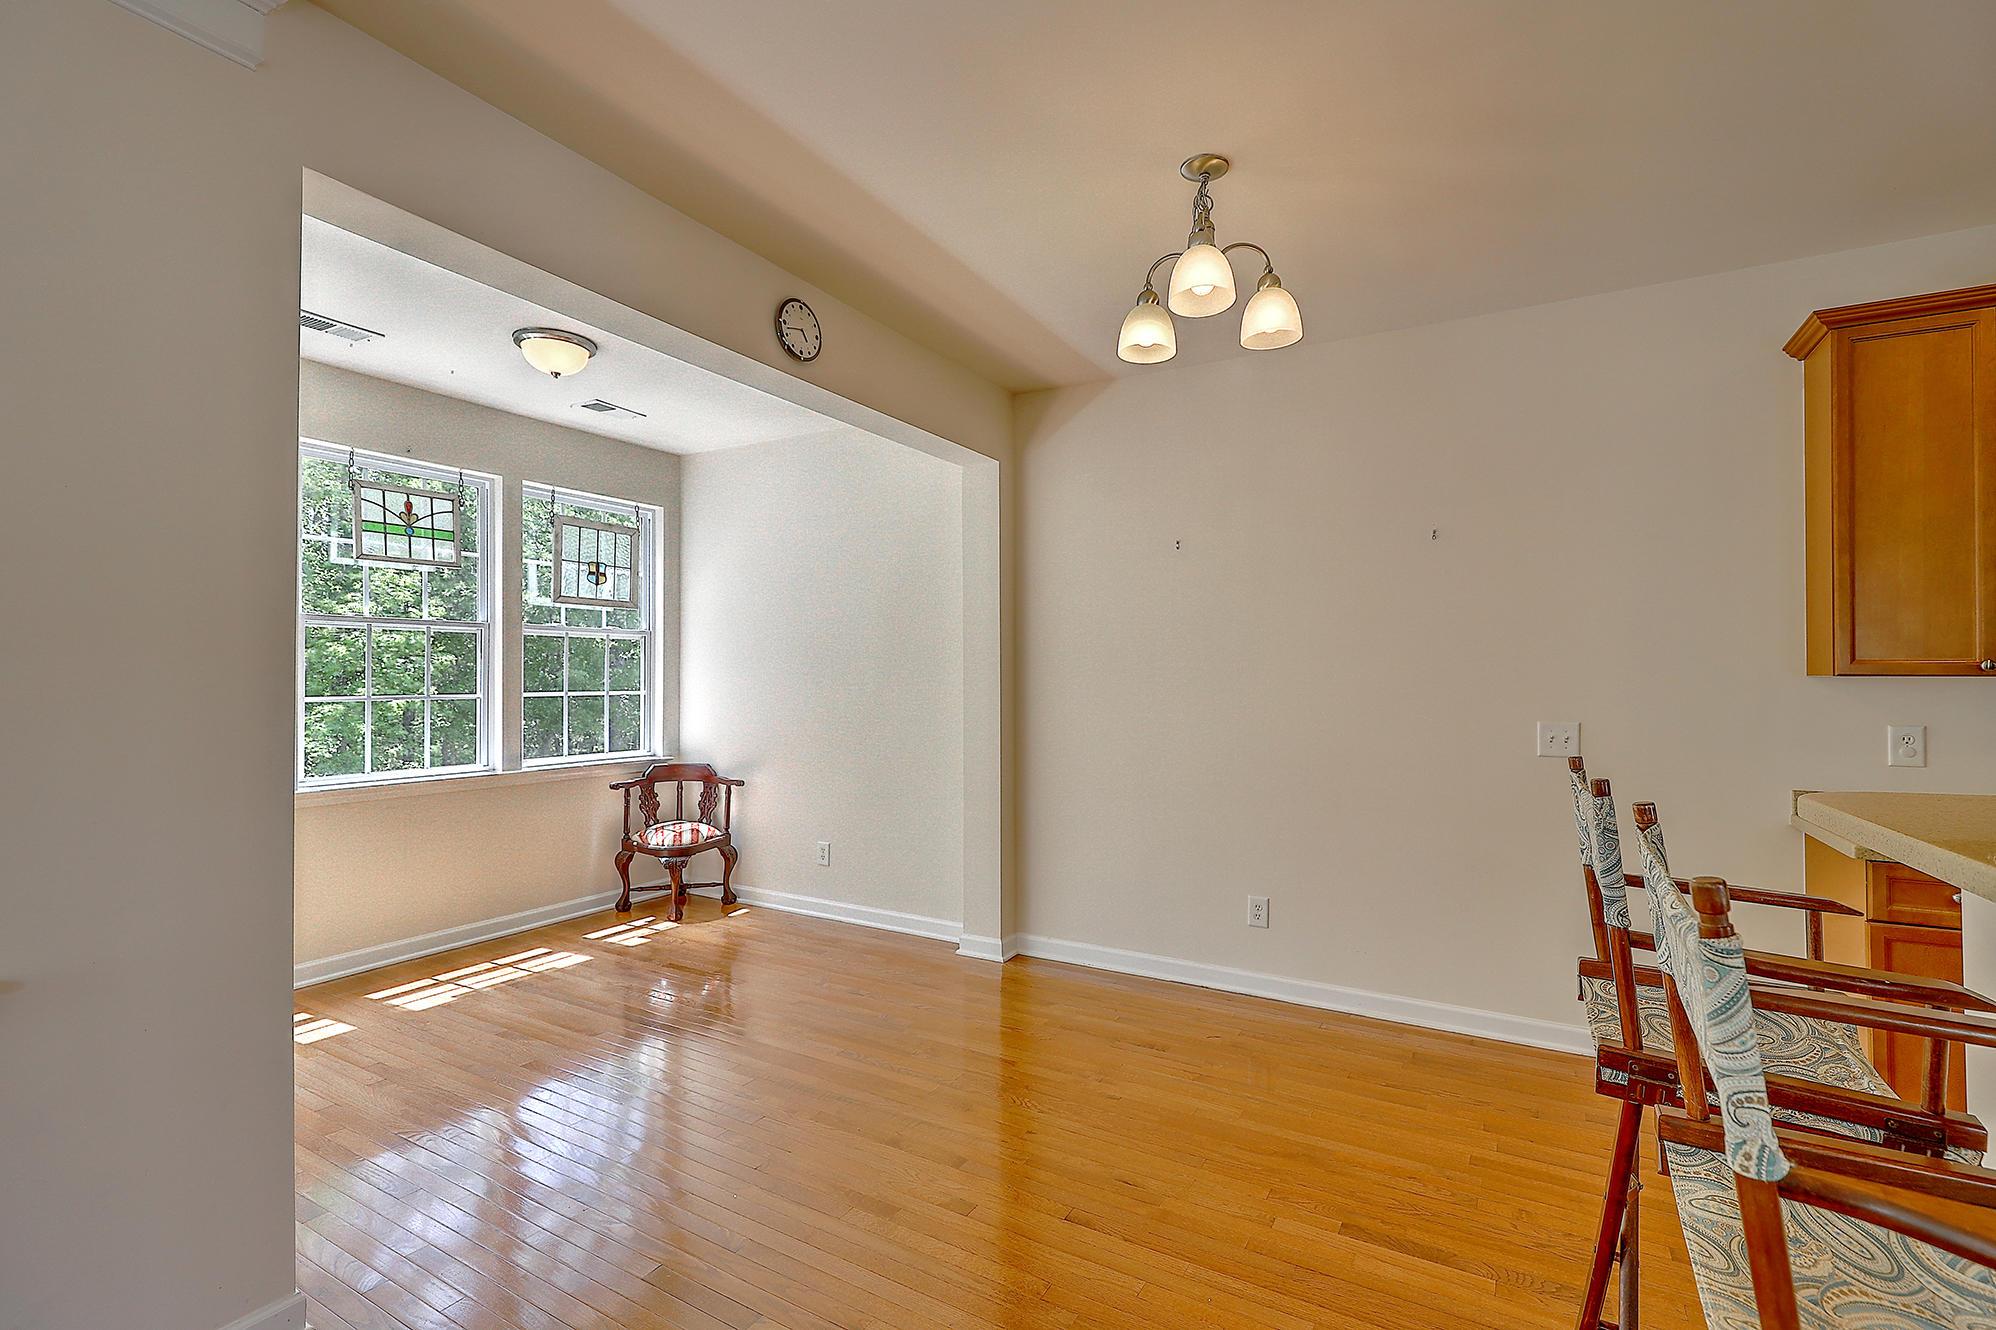 Kensington at Park West Homes For Sale - 3521 Claremont, Mount Pleasant, SC - 10